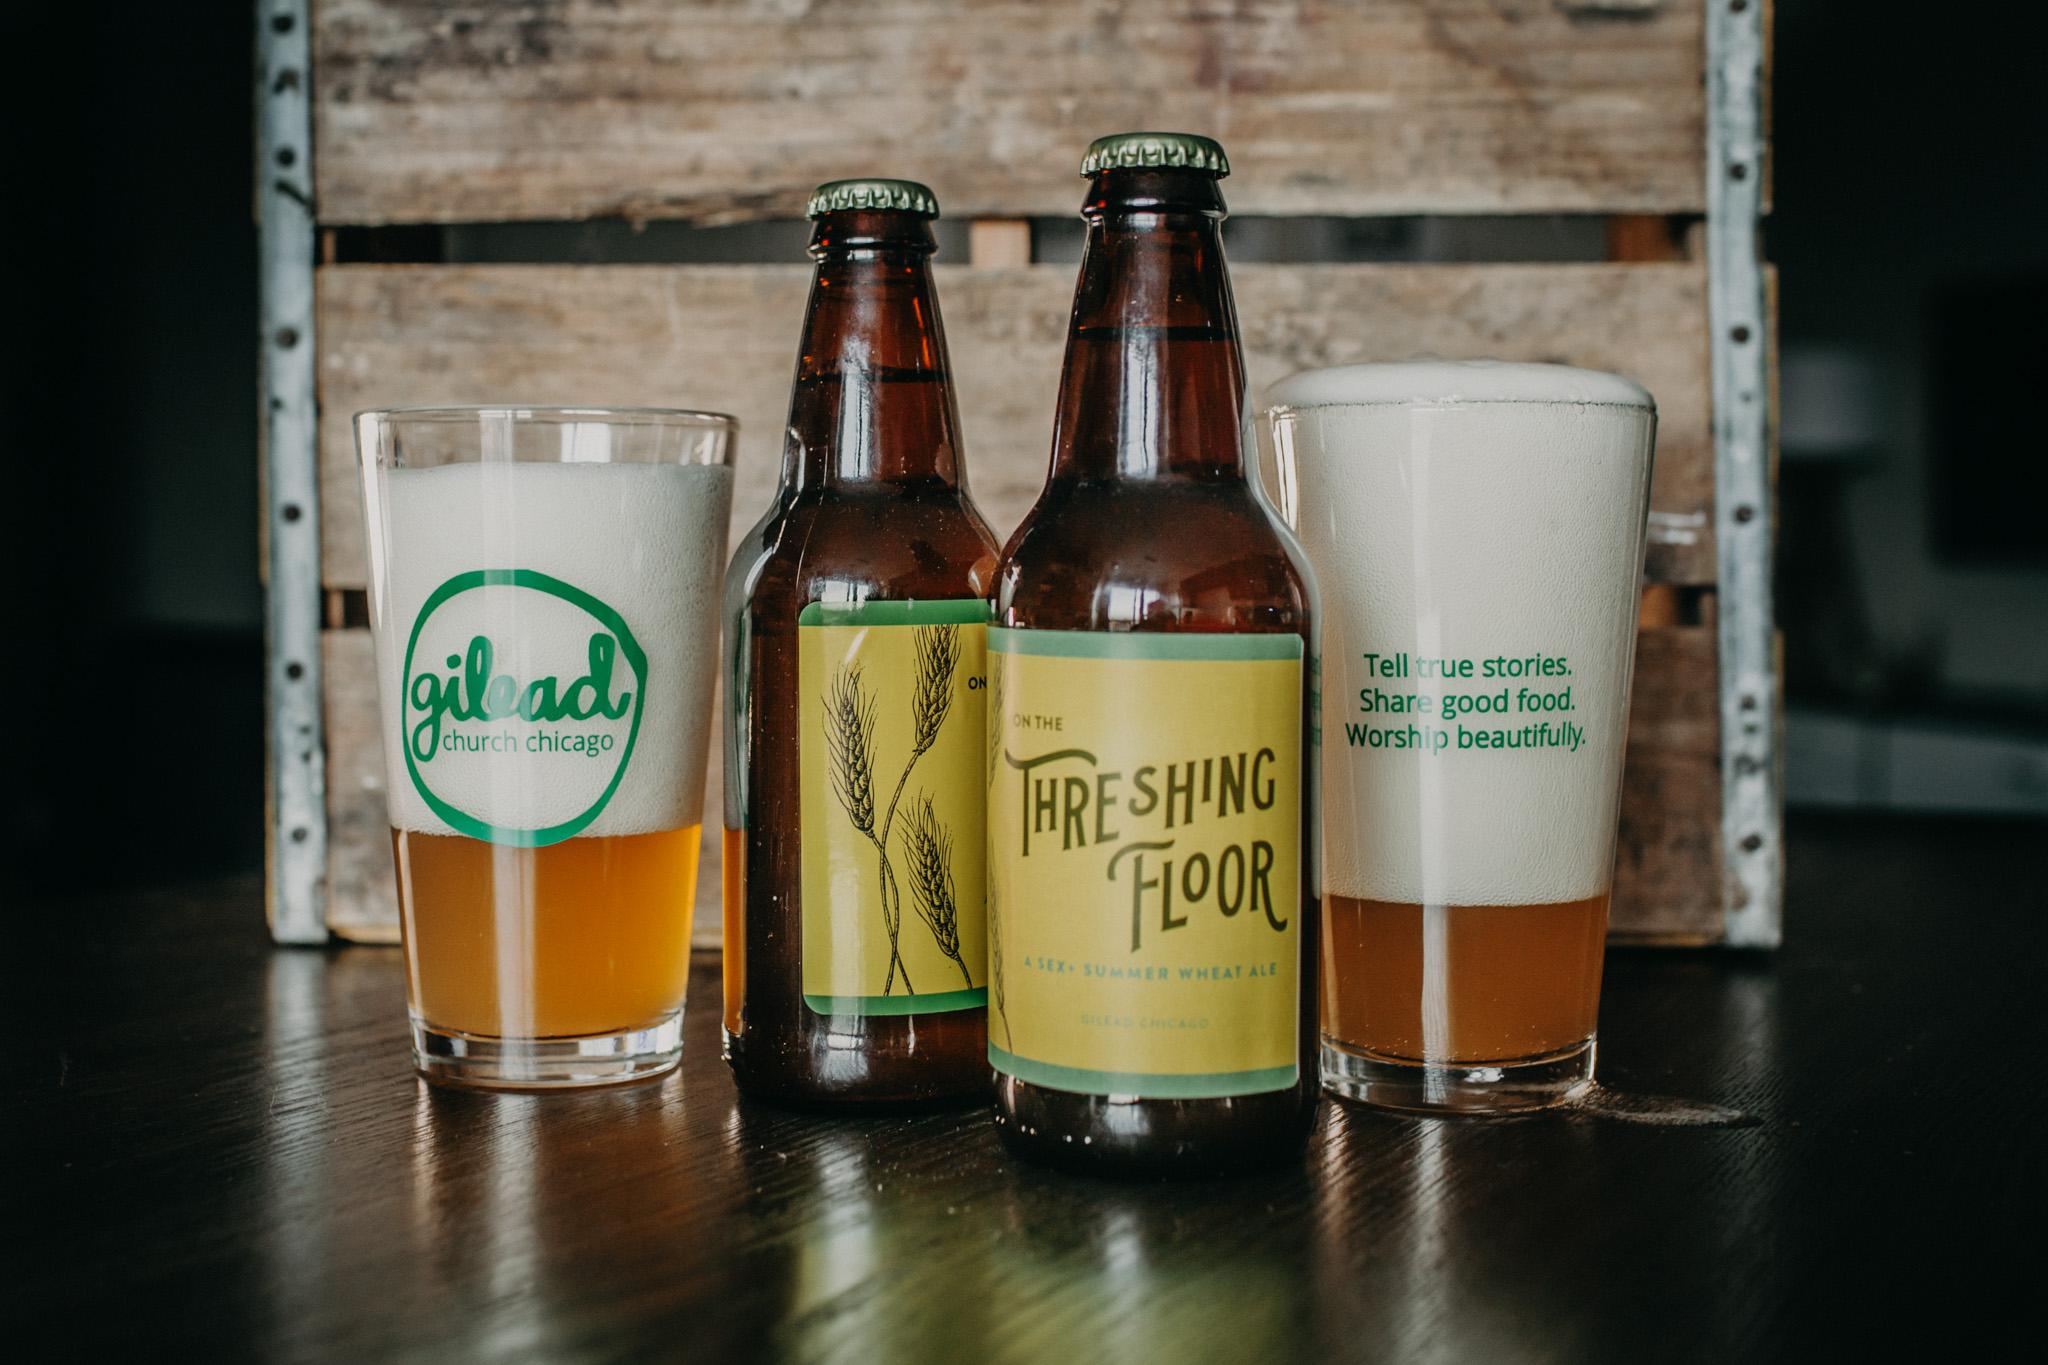 threshing floor beer label design